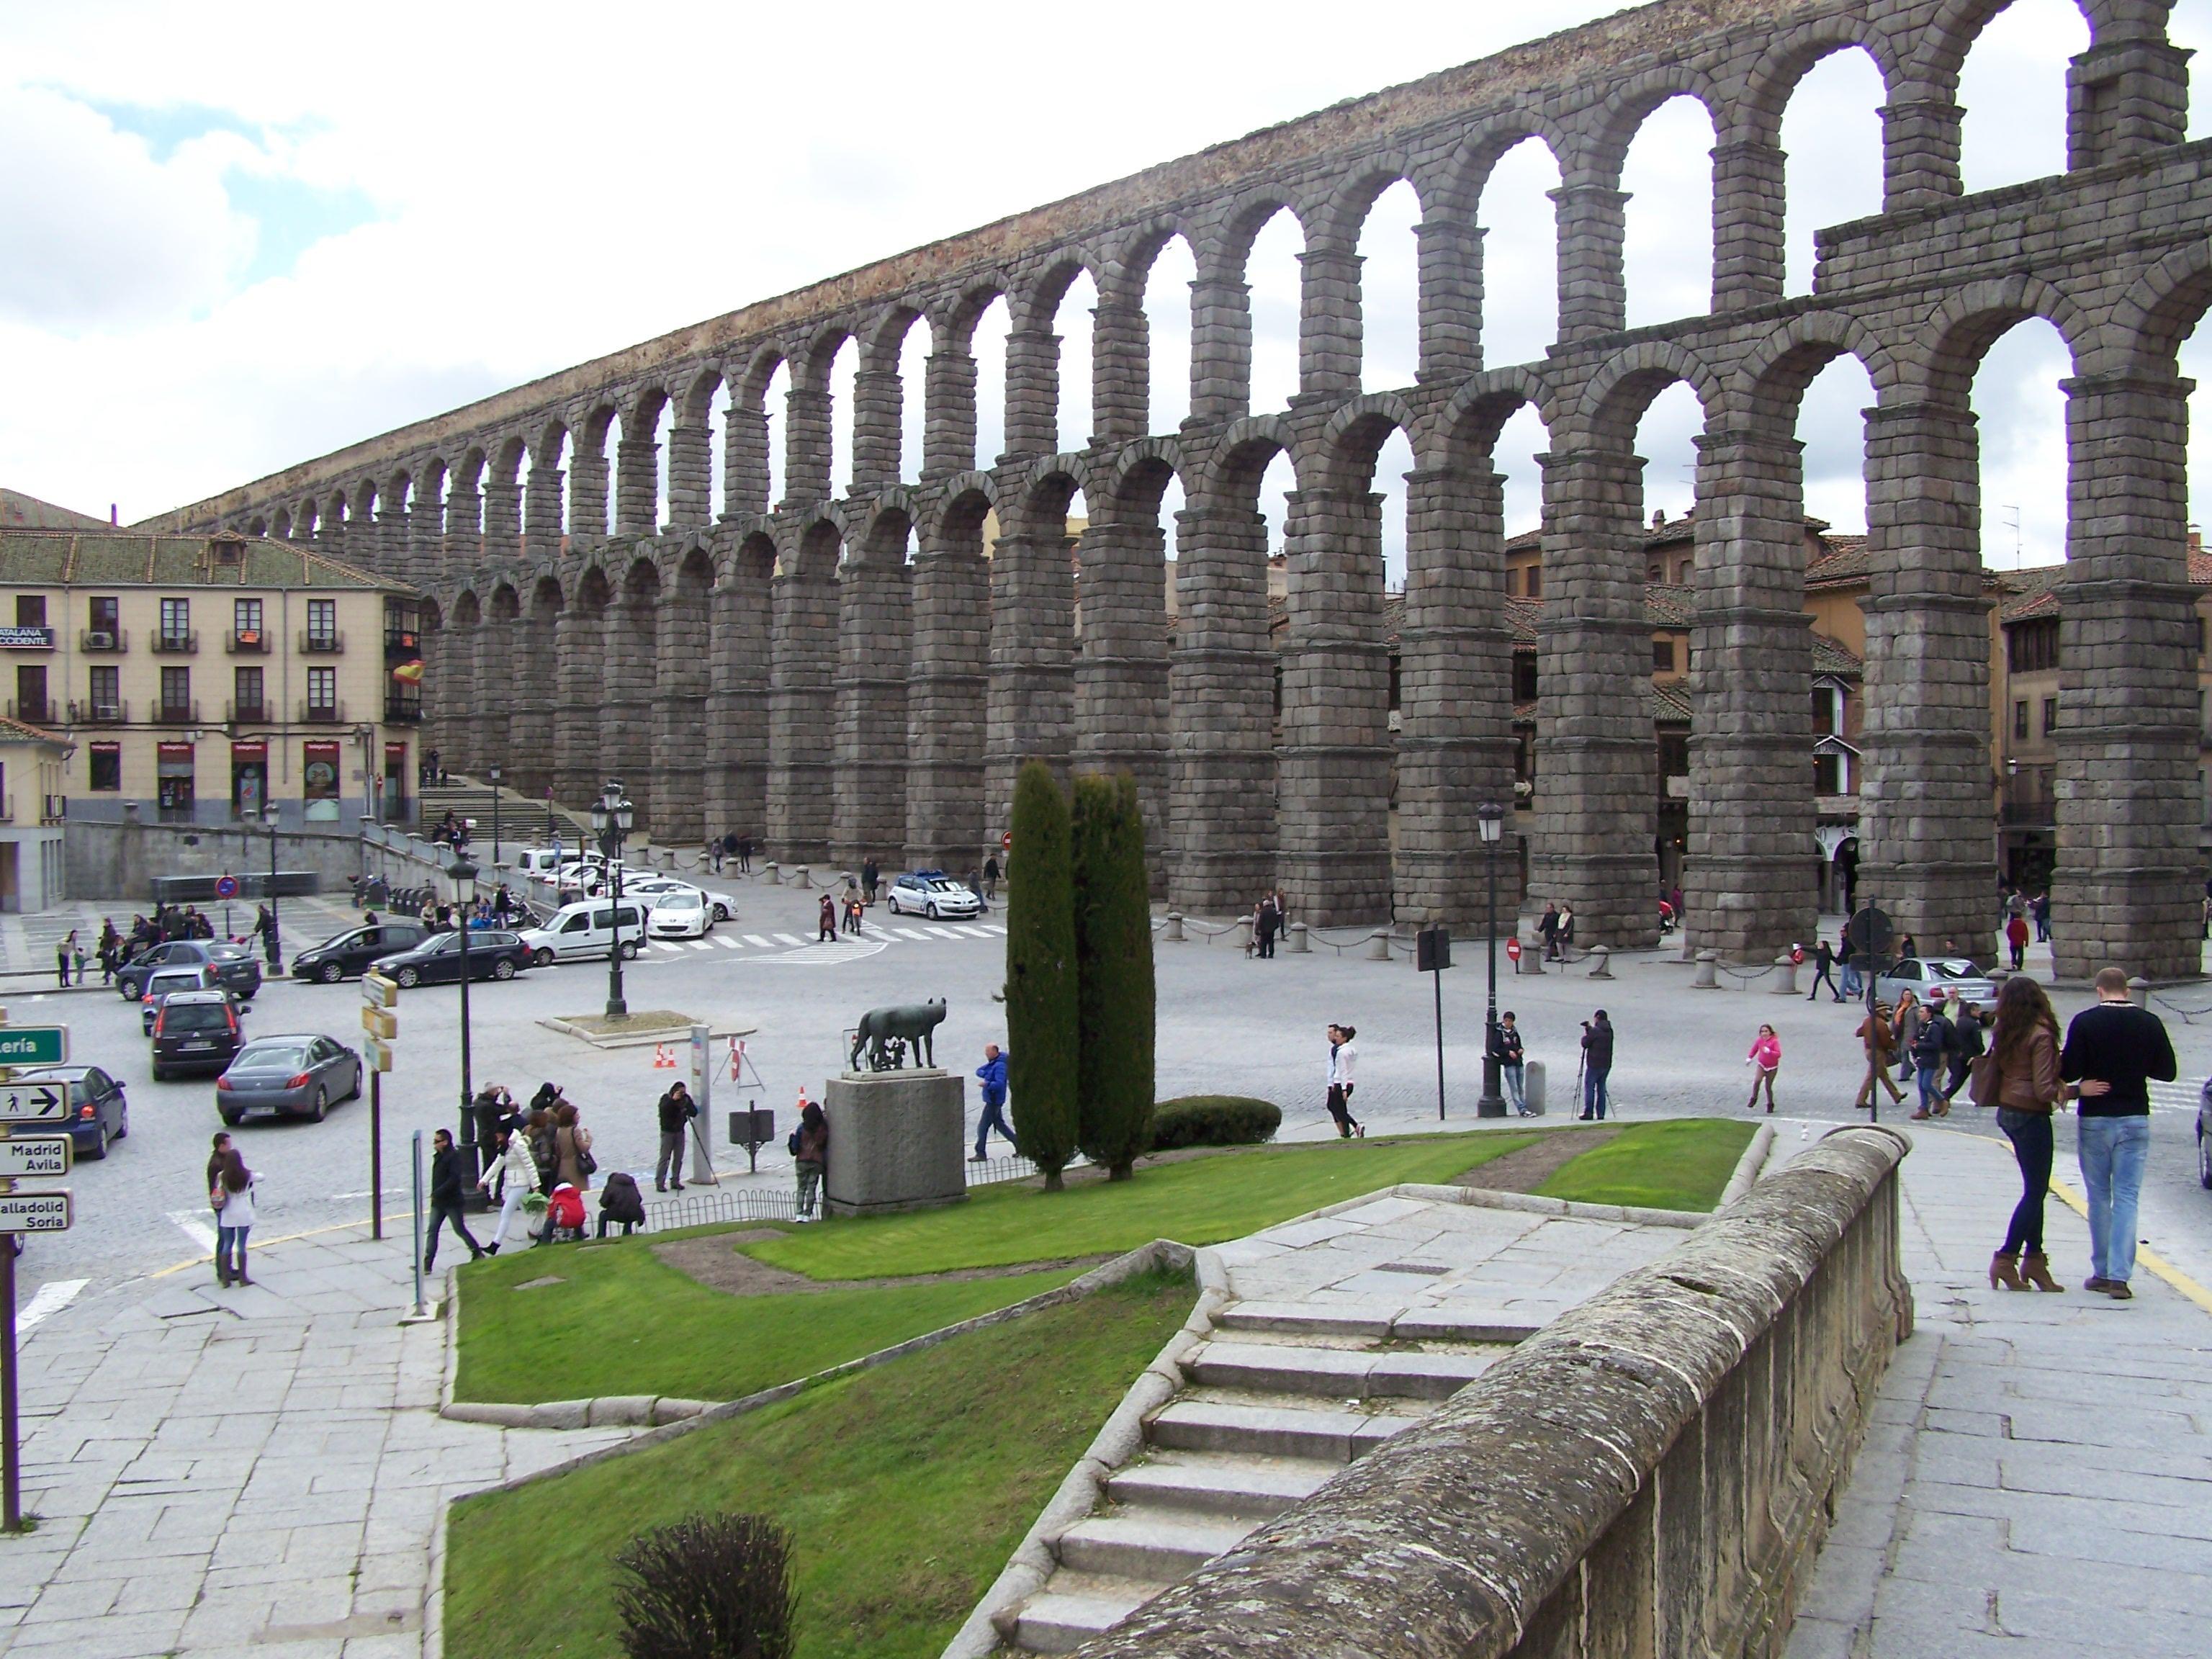 Fotos gratis arquitectura estructura puente pasarela monumento estadio arena anfiteatro - Acueducto de segovia arquitectura ...